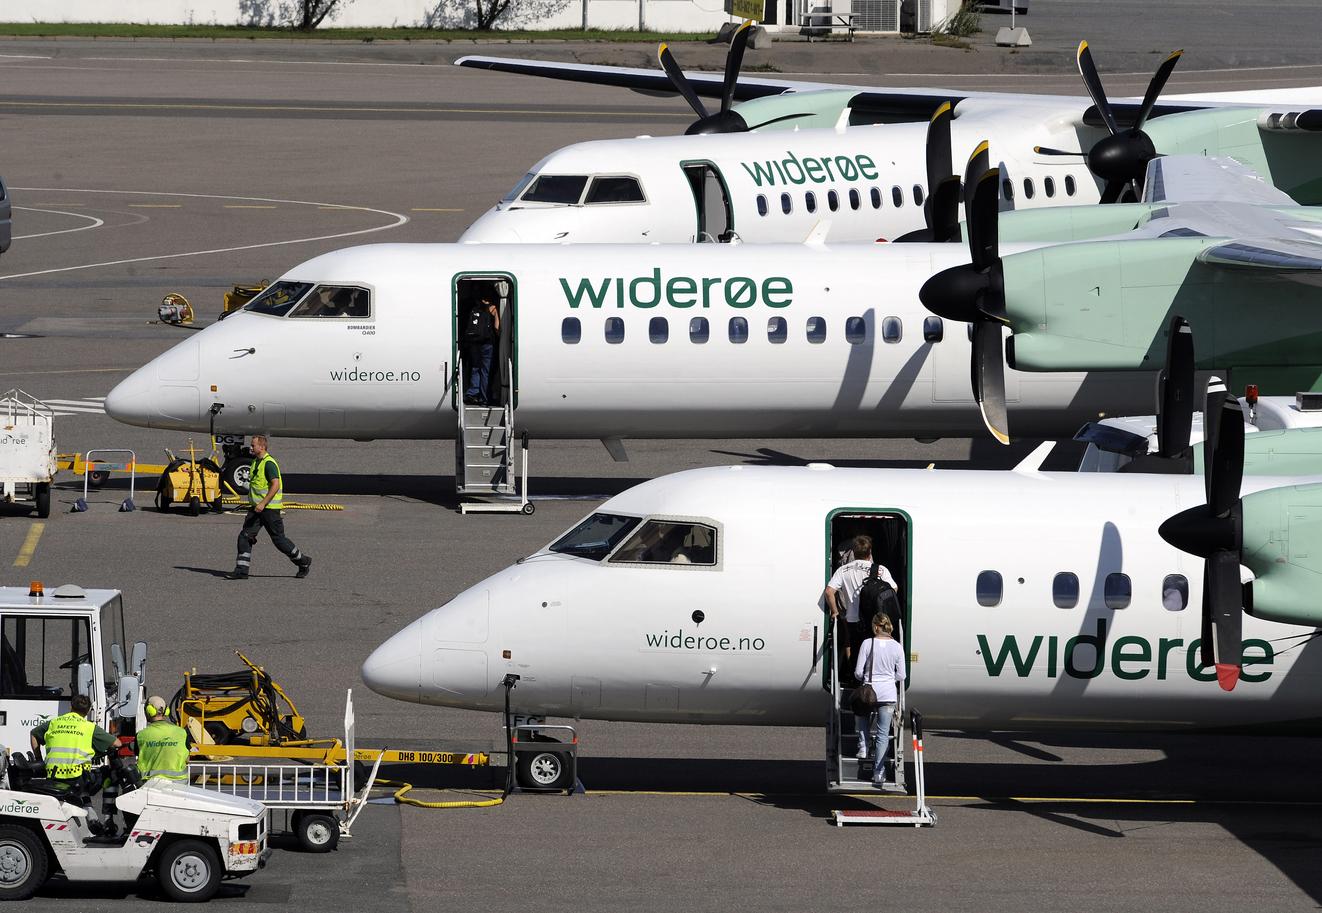 Widerøe betjener 50 lufthavne i navnlig Norge, men også uden for landets grænser. Pressefoto.